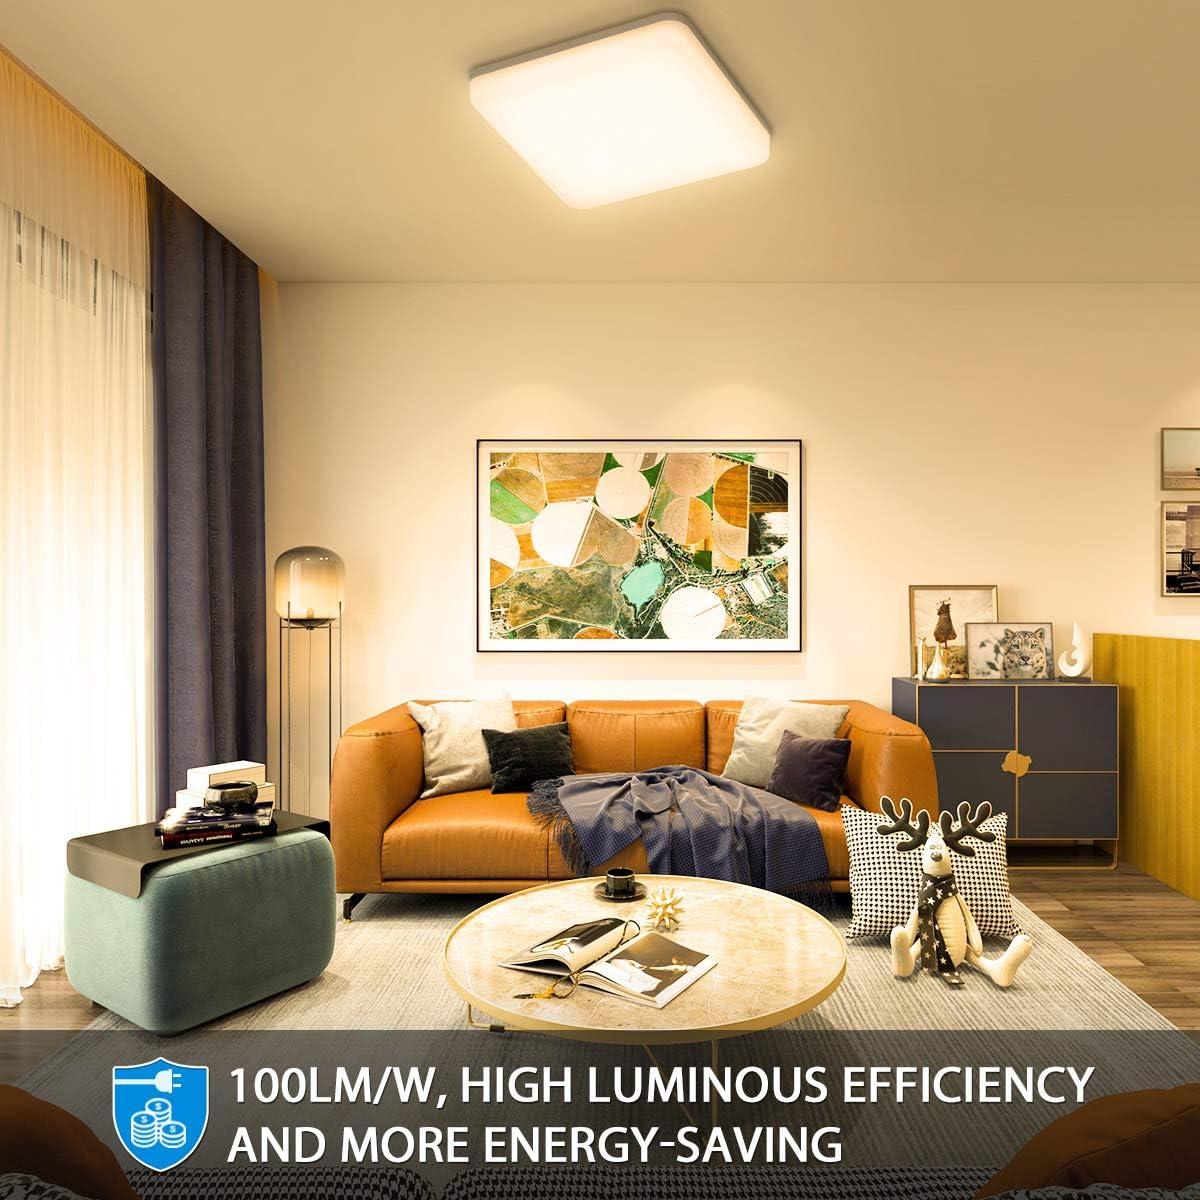 Kinderzimmerlampe Oeegoo LED Deckenleuchte Warmwei/ß Essenzimmerlampe IP44 Wasserdicht LED Deckenleuchte Schlafzimmerlampe Badlampe 3000K 24W 2400LM Led Deckenlampe Bad K/üchenlampe